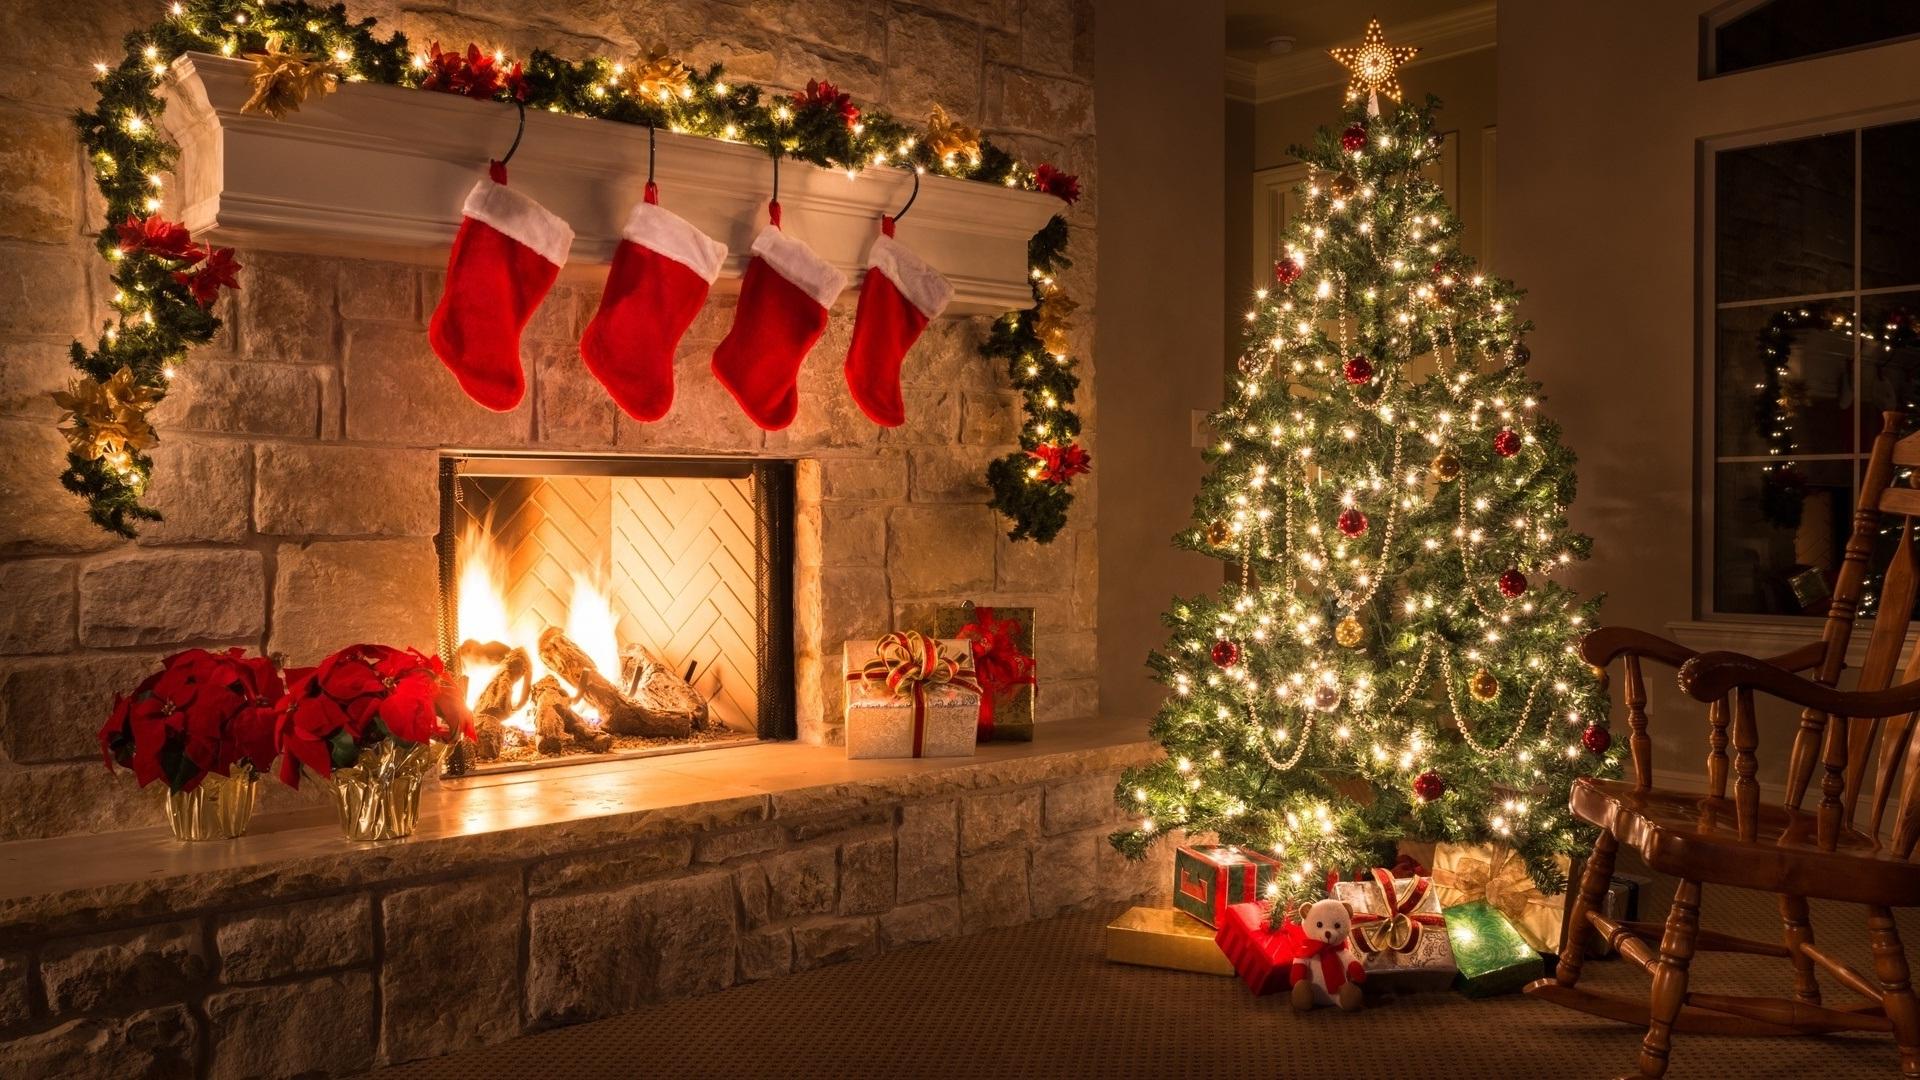 Come decorare la casa per natale i consigli di ernesto - Come decorare la casa per natale ...